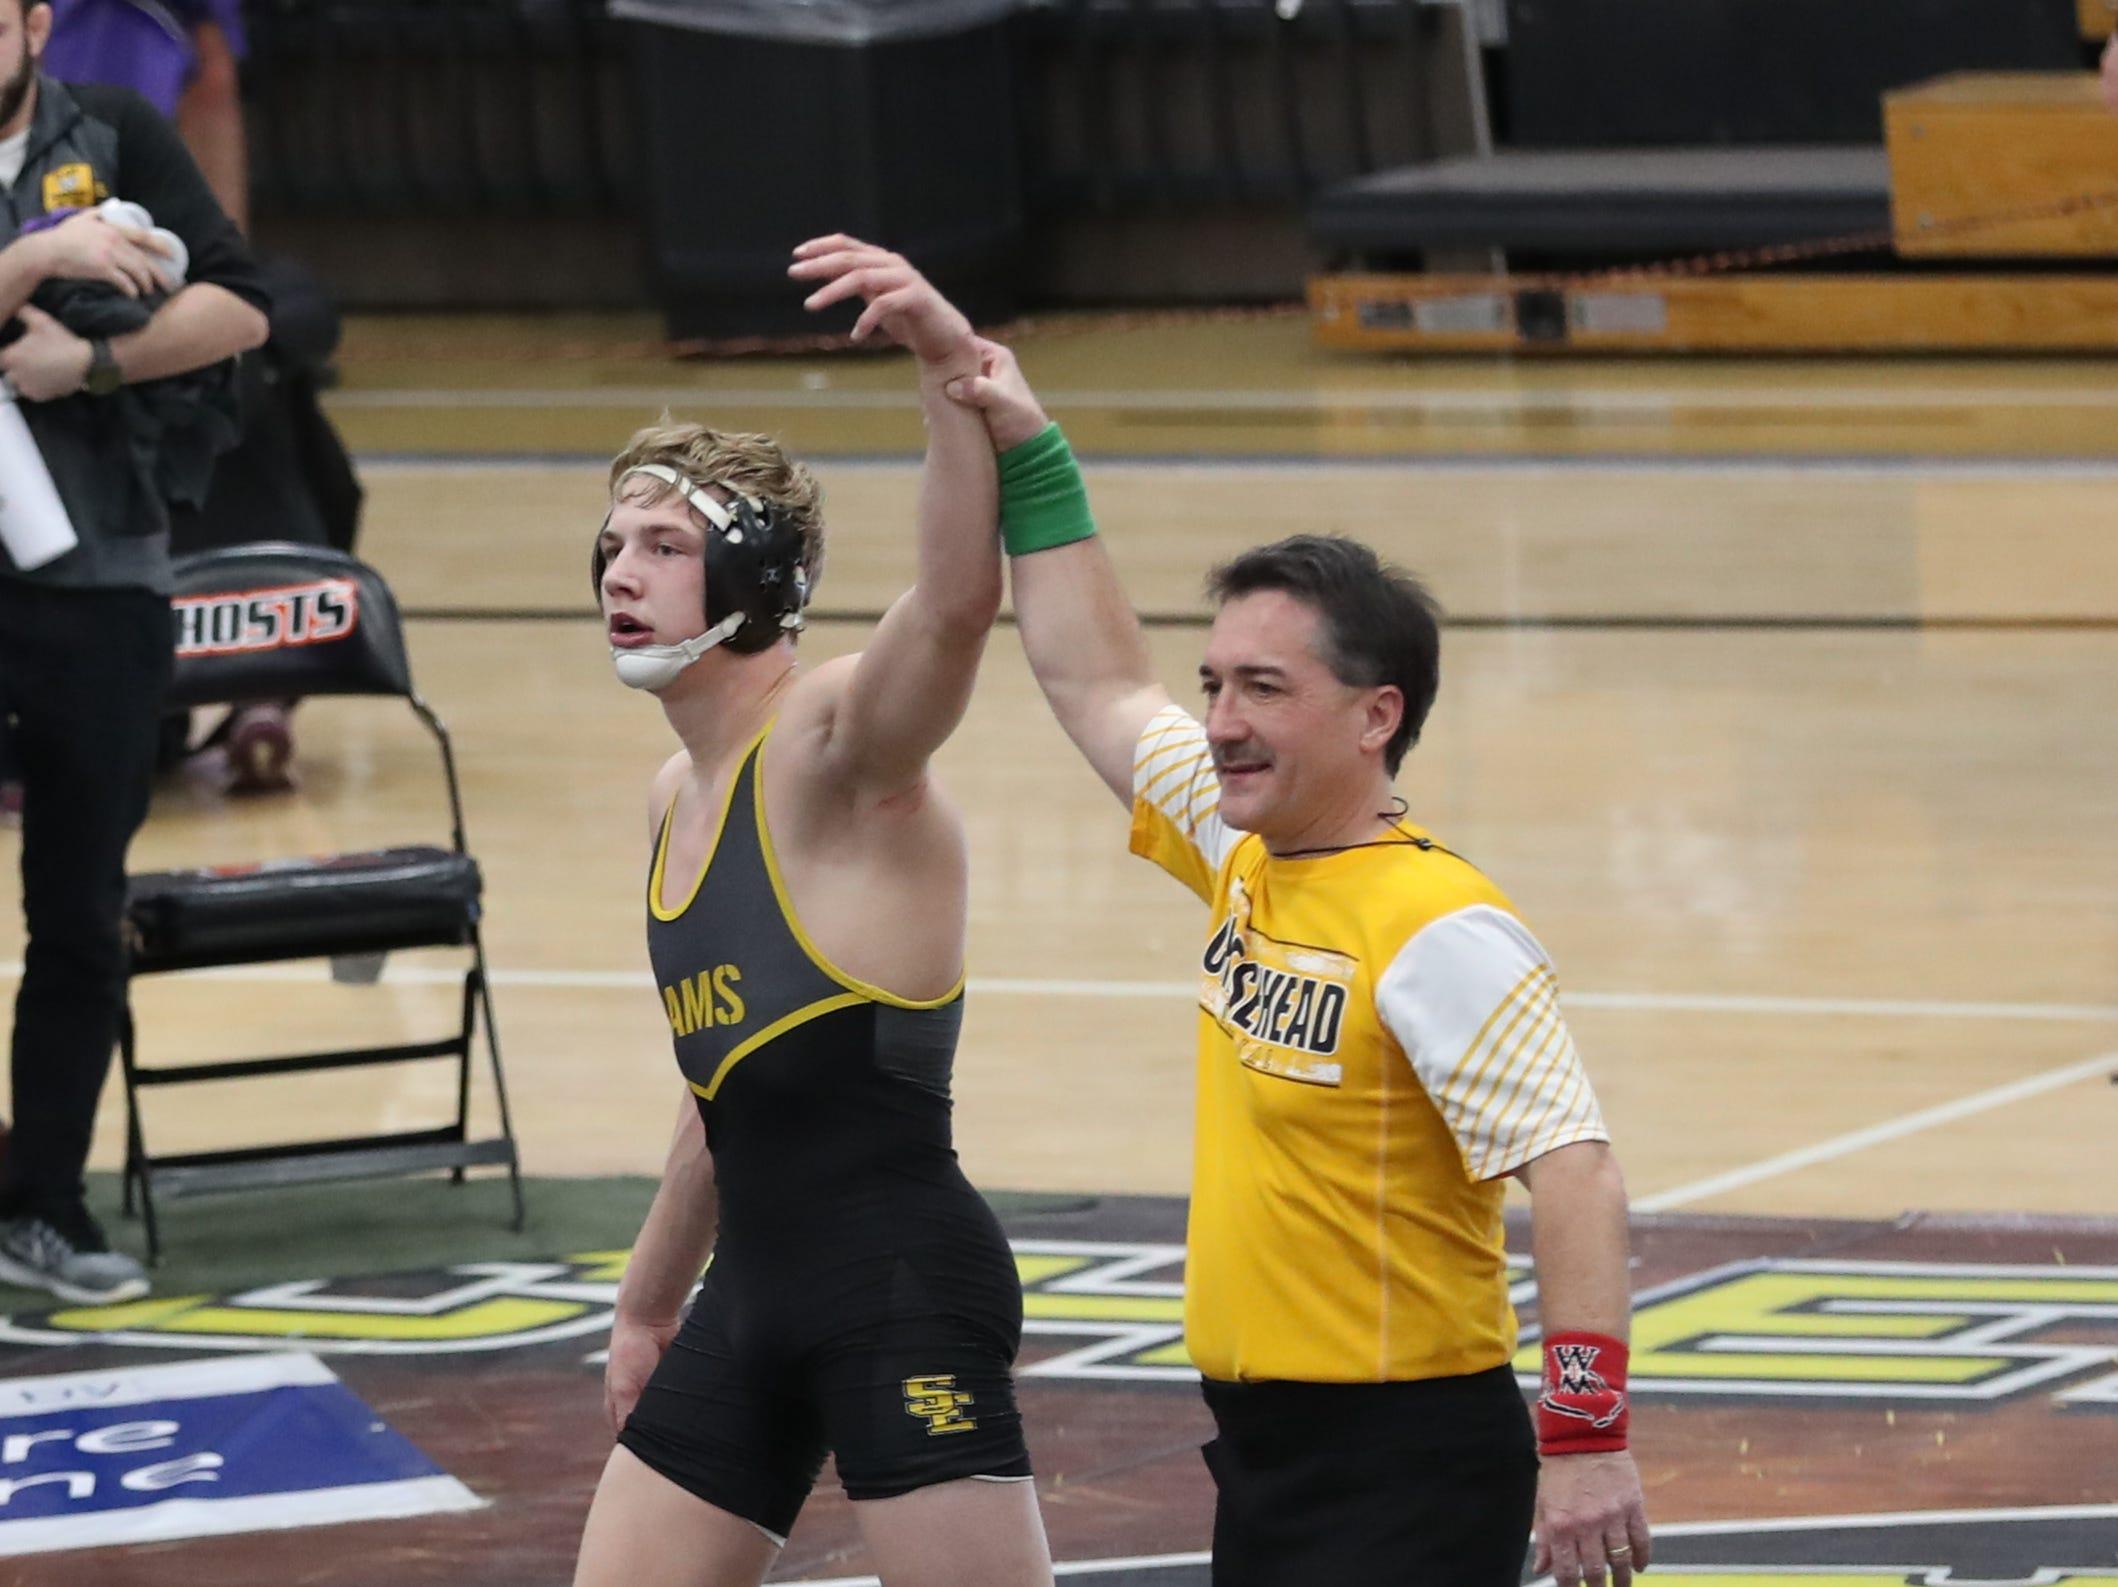 Lance Runyon, of Southeast Polk High, wrestles at the Cheesehead Invitational at Kaukauna High School in Kaukauna, Wisconsin, on Jan. 5, 2019.